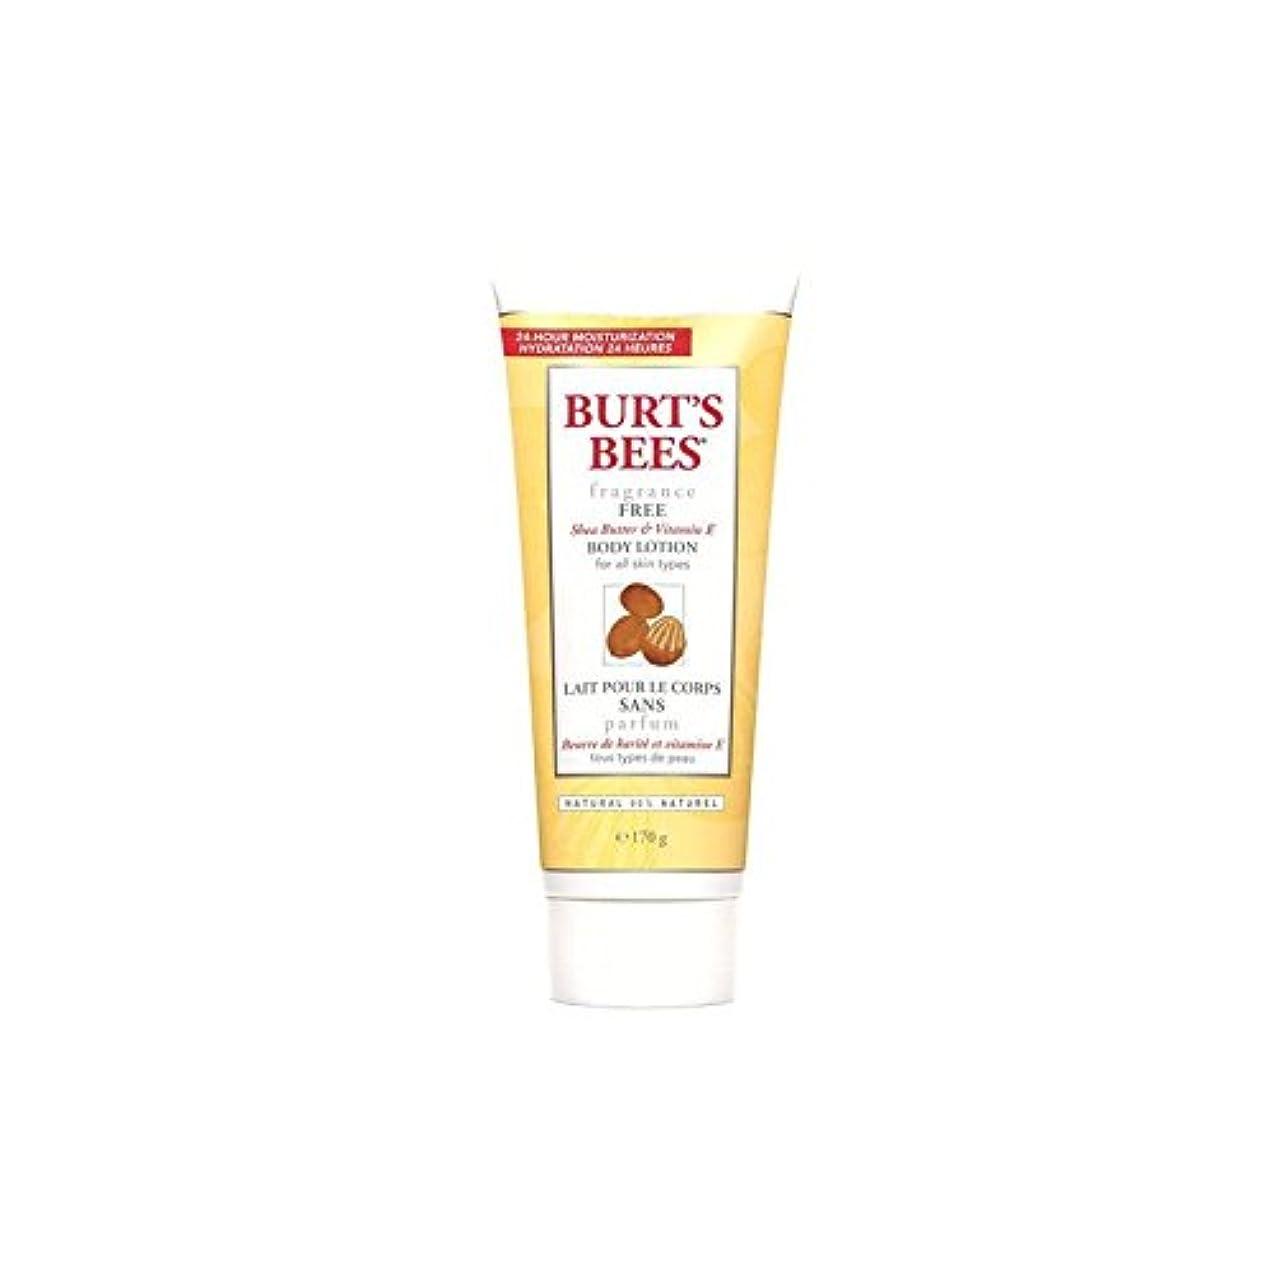 漏れルビー養うBurt's Bees Body Lotion - Fragrance Free 6fl oz - バーツビーボディローション - 無香料6オンス [並行輸入品]